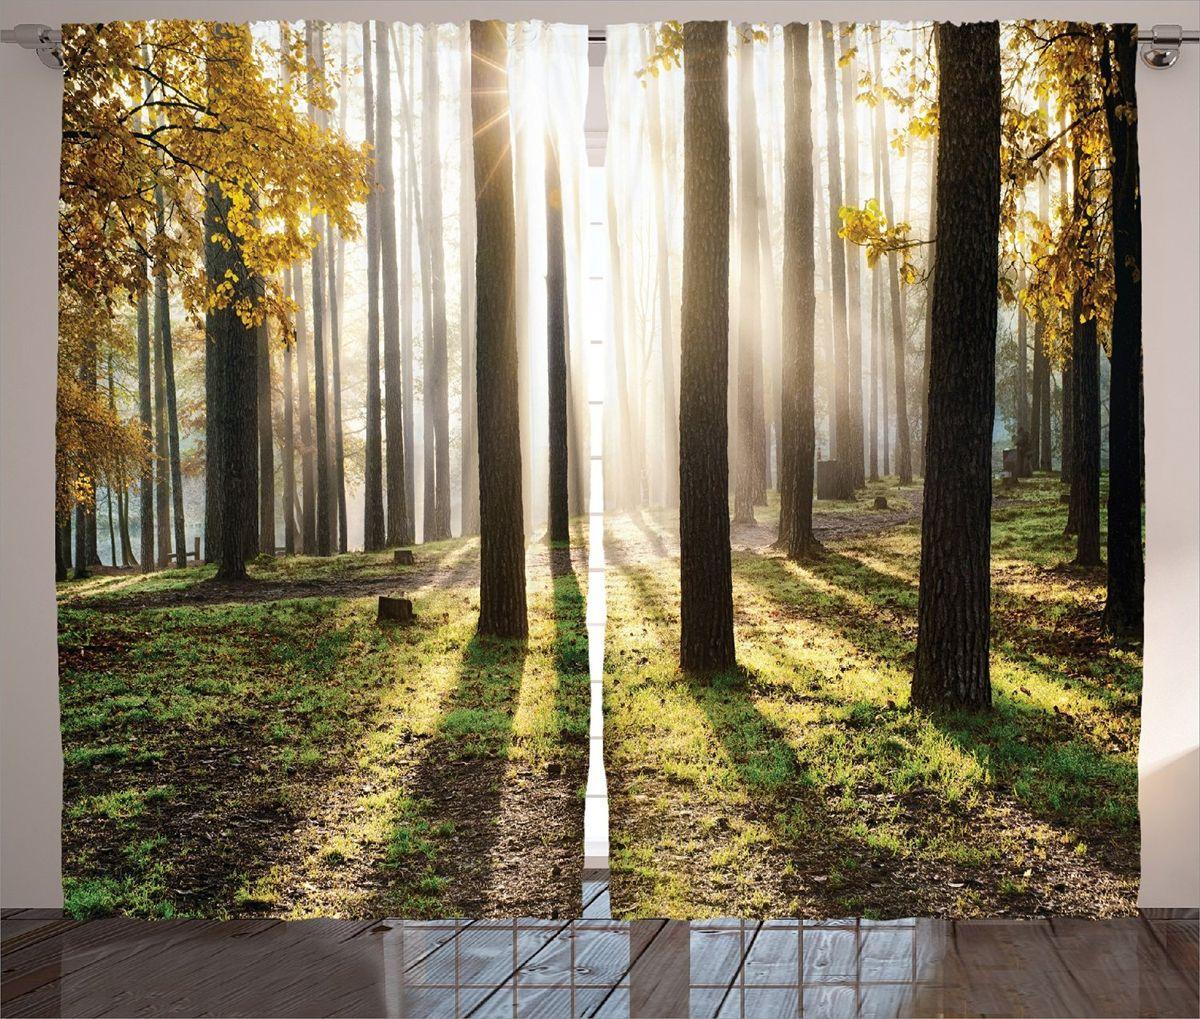 Комплект фотоштор Magic Lady Солнце в осеннем лесу, на ленте, высота 265 см. шсг_15217